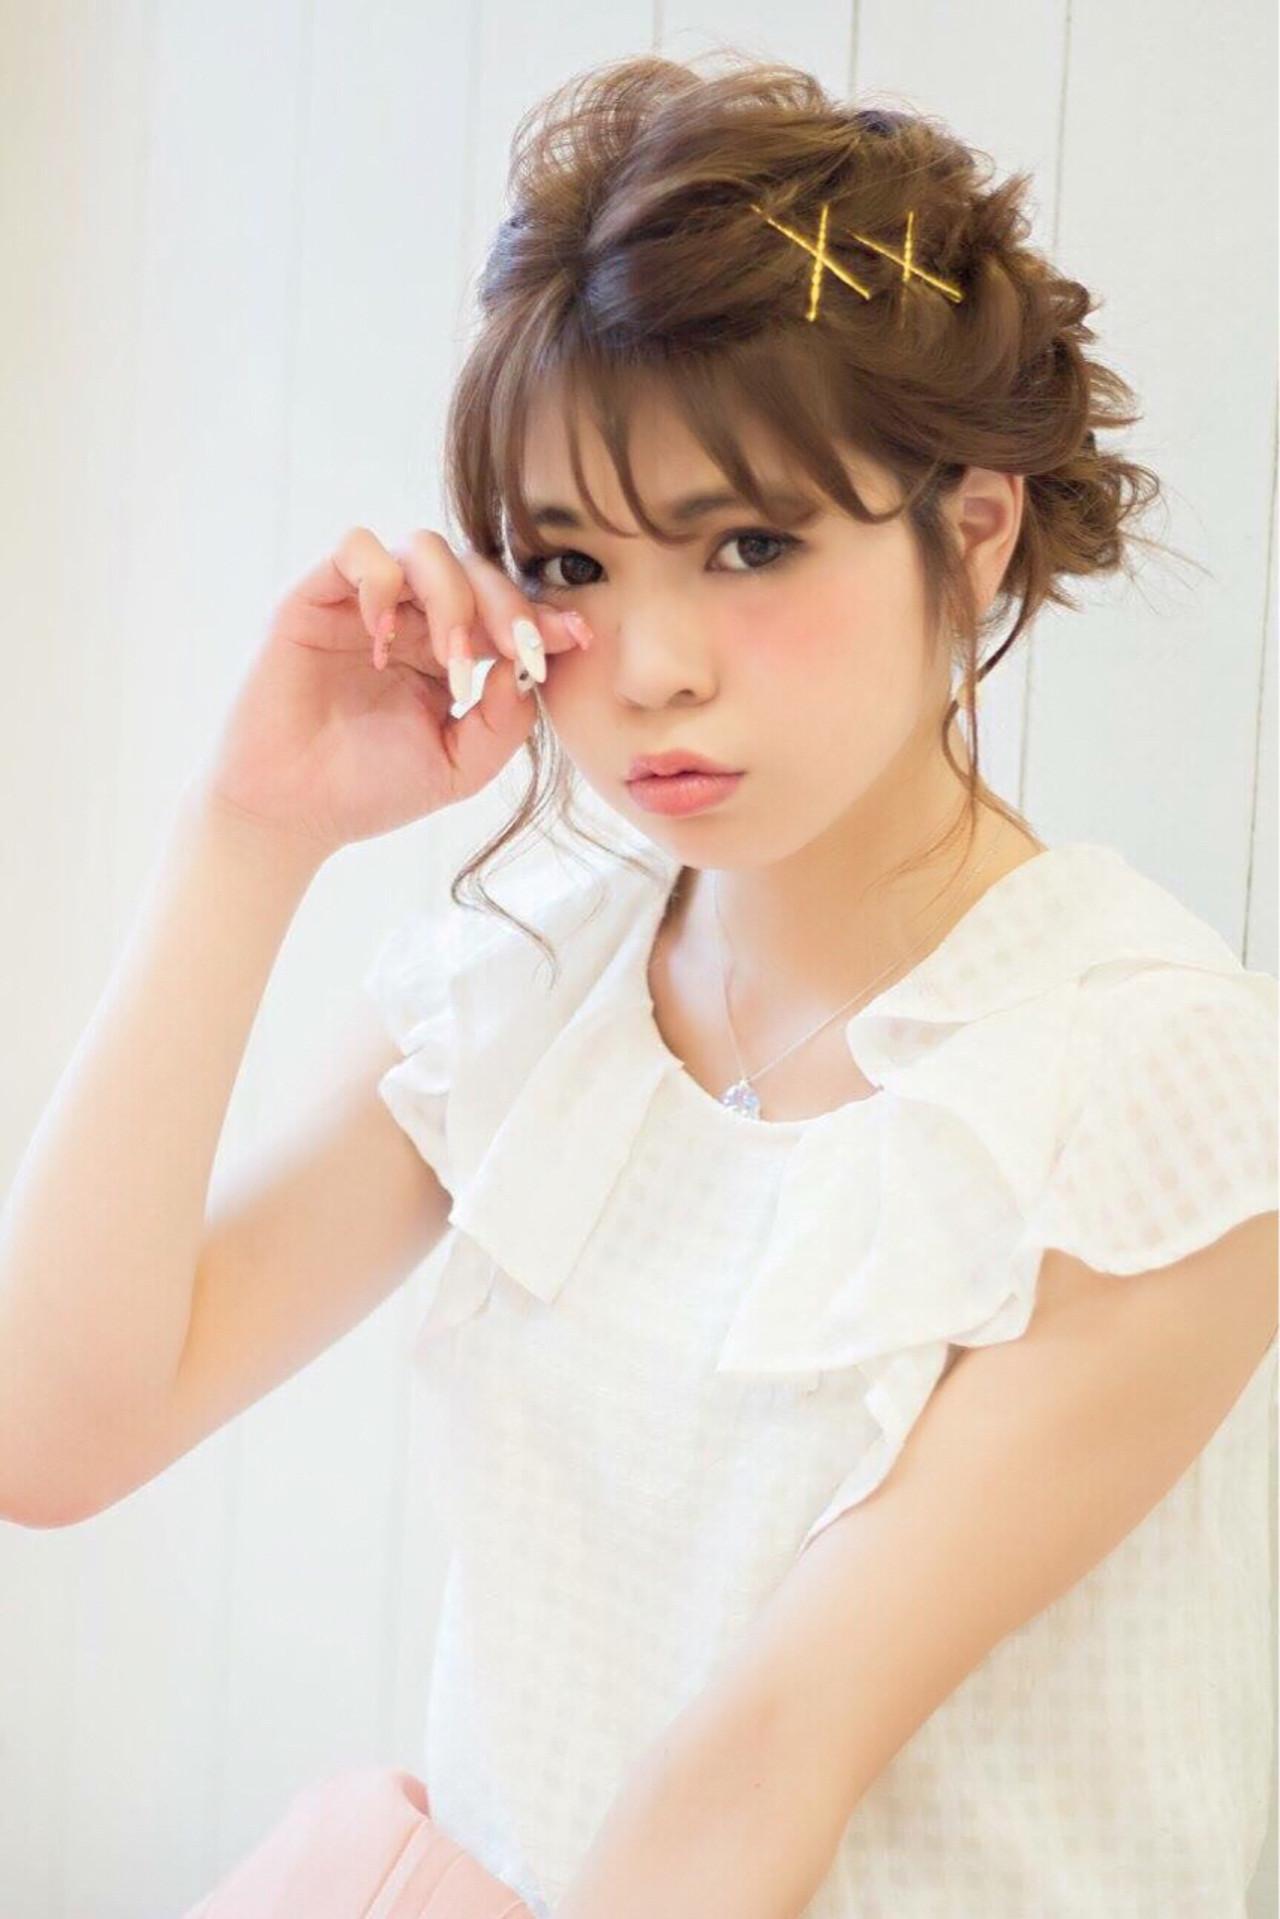 お団子 ミディアム アップスタイル モテ髪 ヘアスタイルや髪型の写真・画像 | 有園 舞花 /